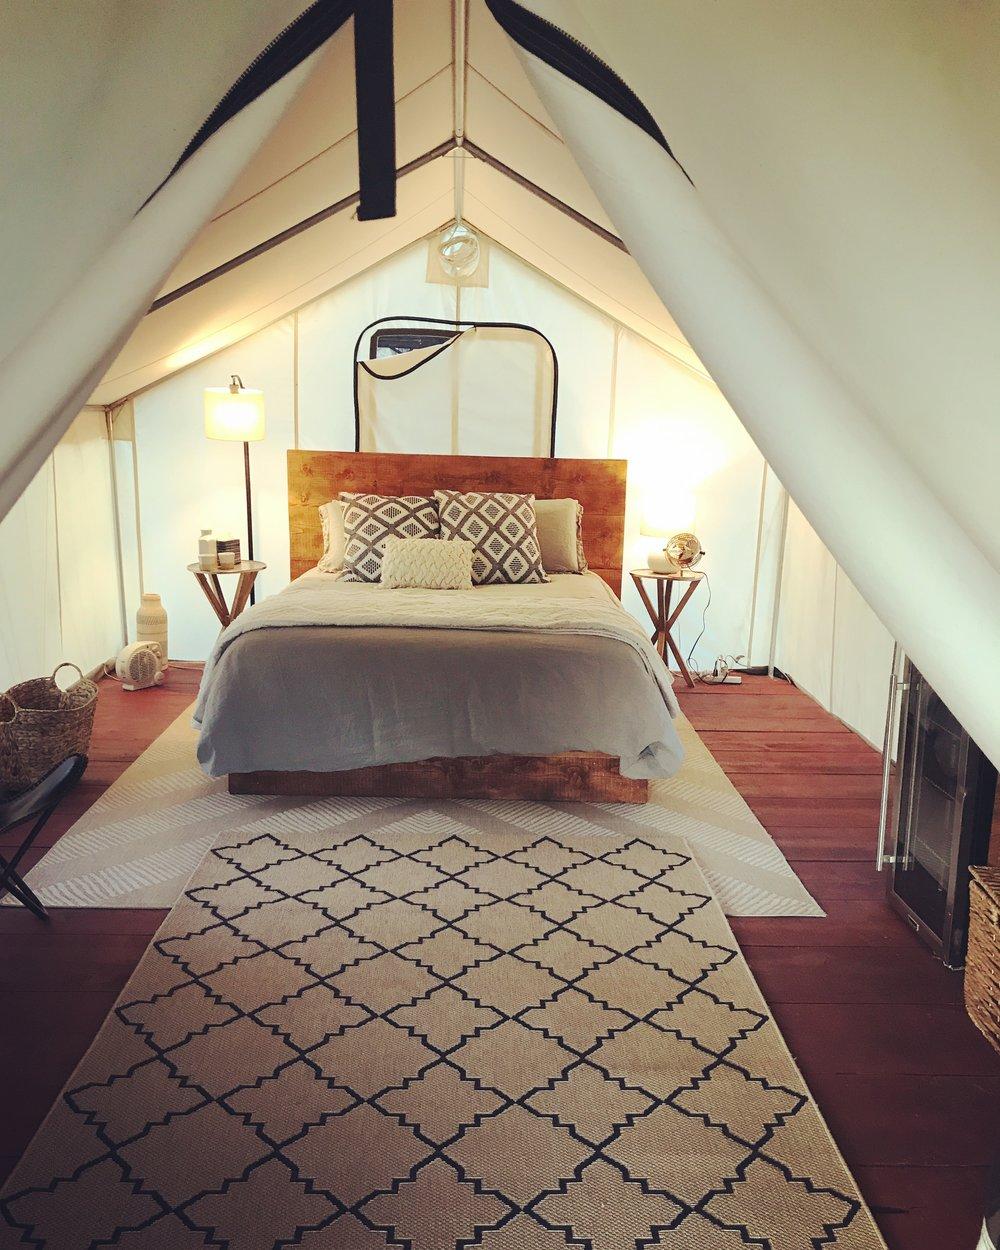 Montecito Glamping Tent, Ouray, Colorado